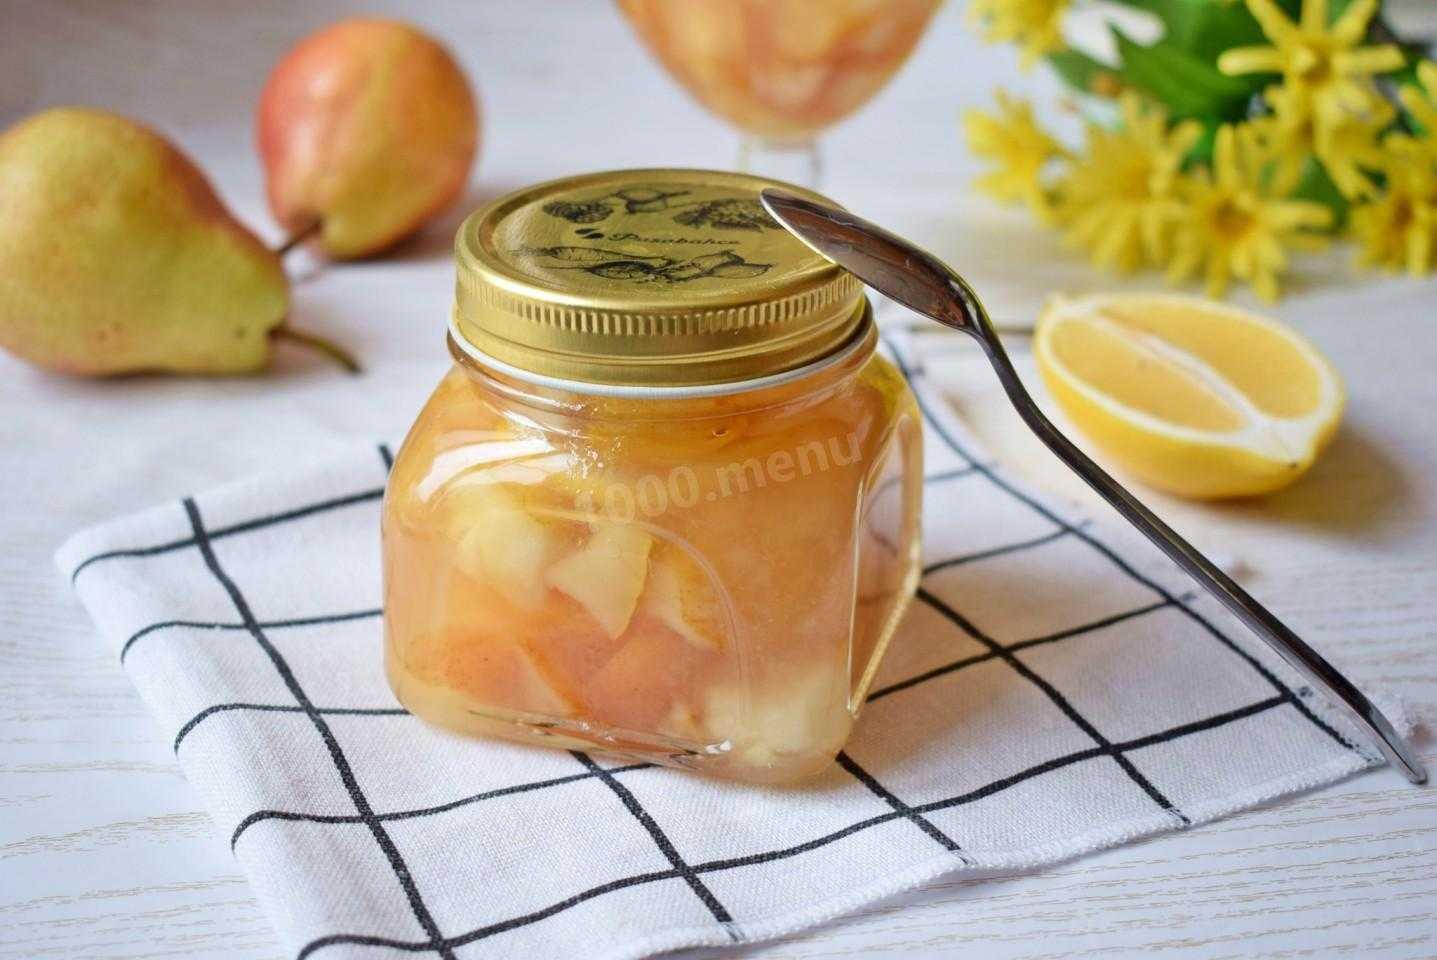 Описание рецептов варенья из груш с лимоном на зиму: пятиминутка, классическое с многочисленными настаиваниями, в сиропе дольками, жареное на сковородке, в мультиварке.